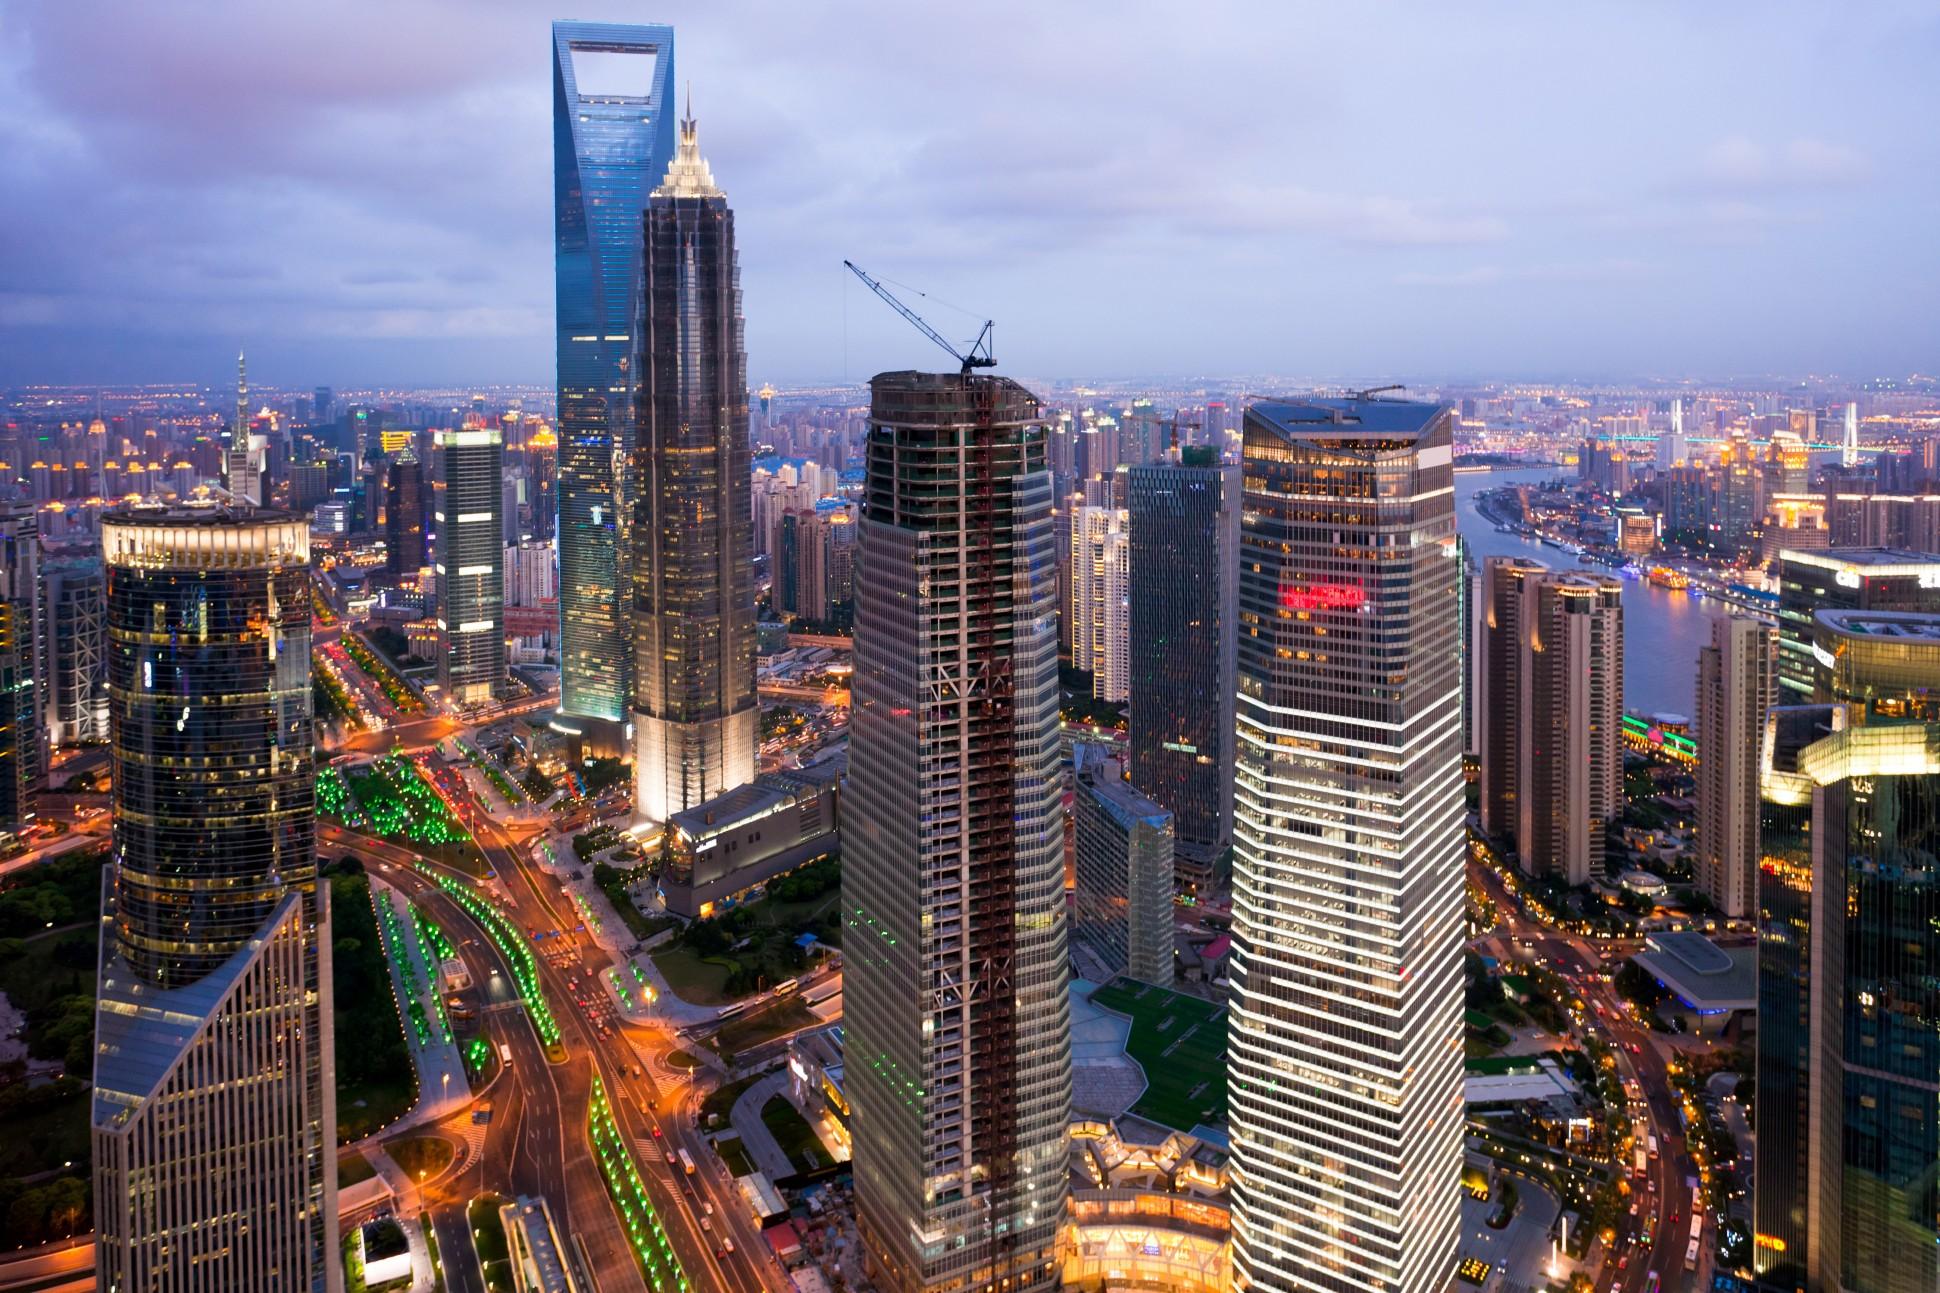 - Còn tại Trung Quốc, riêng quốc gia này đã có khoảng 300 dự án thành phố thông minh thí điểm đang được triển khai tại một số thành phố lớn.